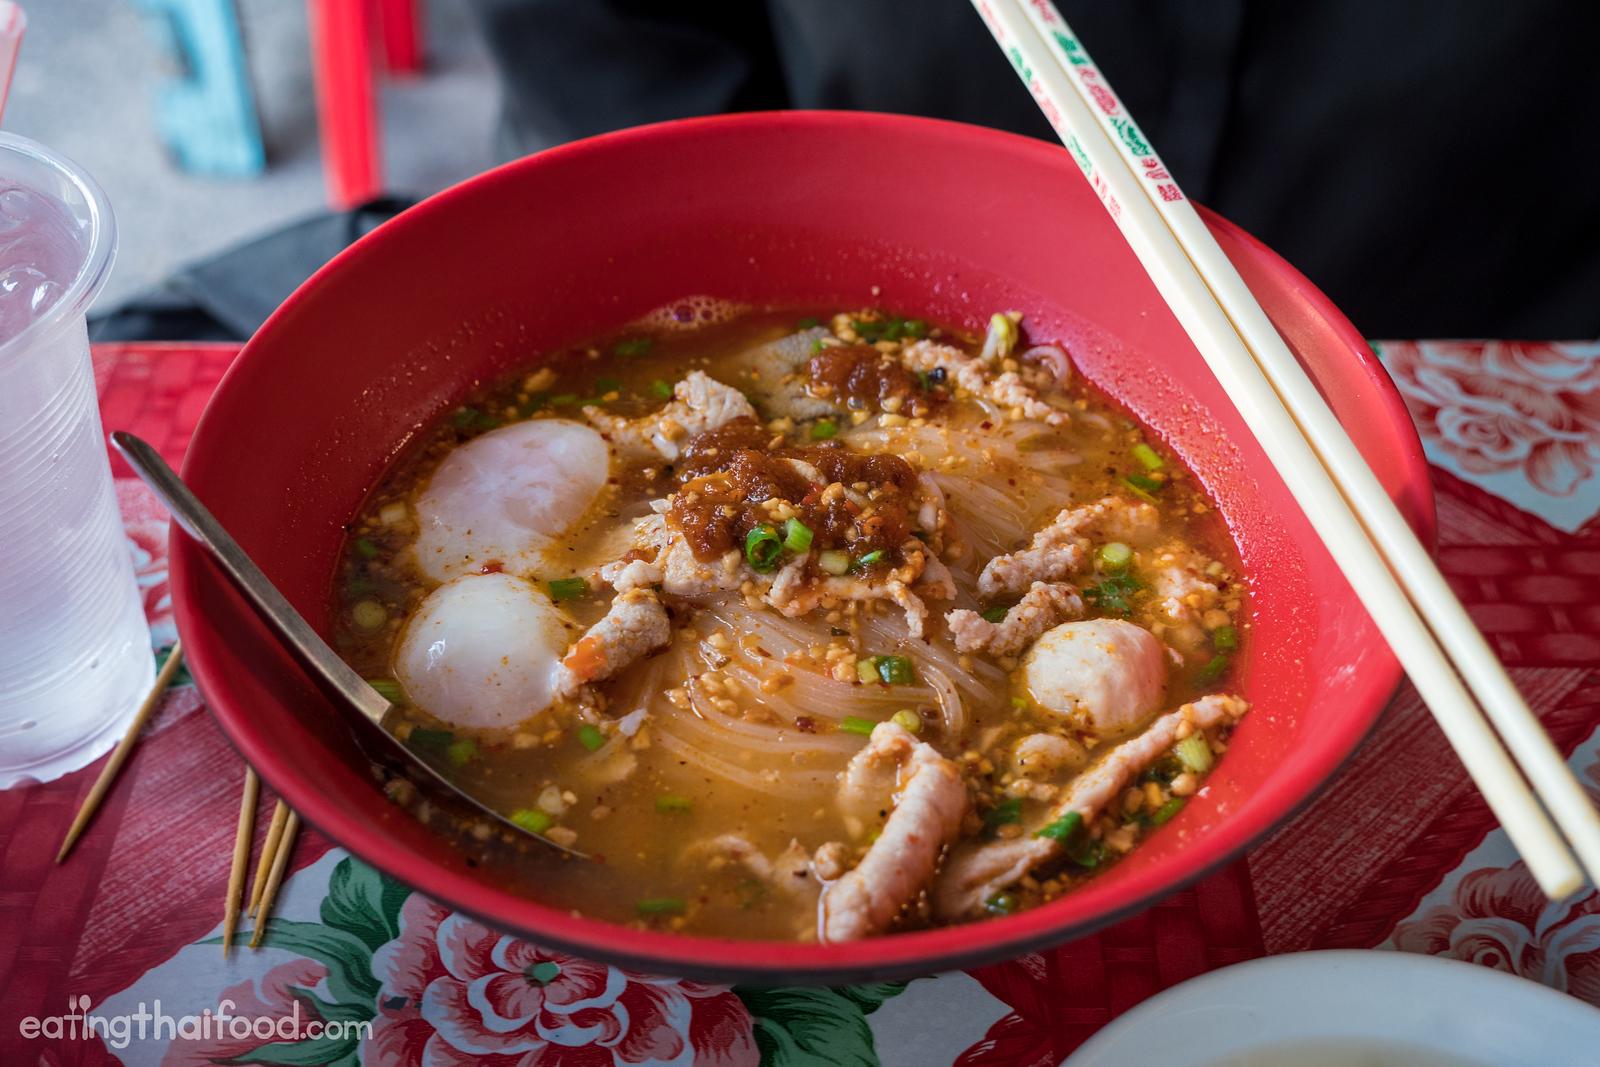 Thai tom yum noodles